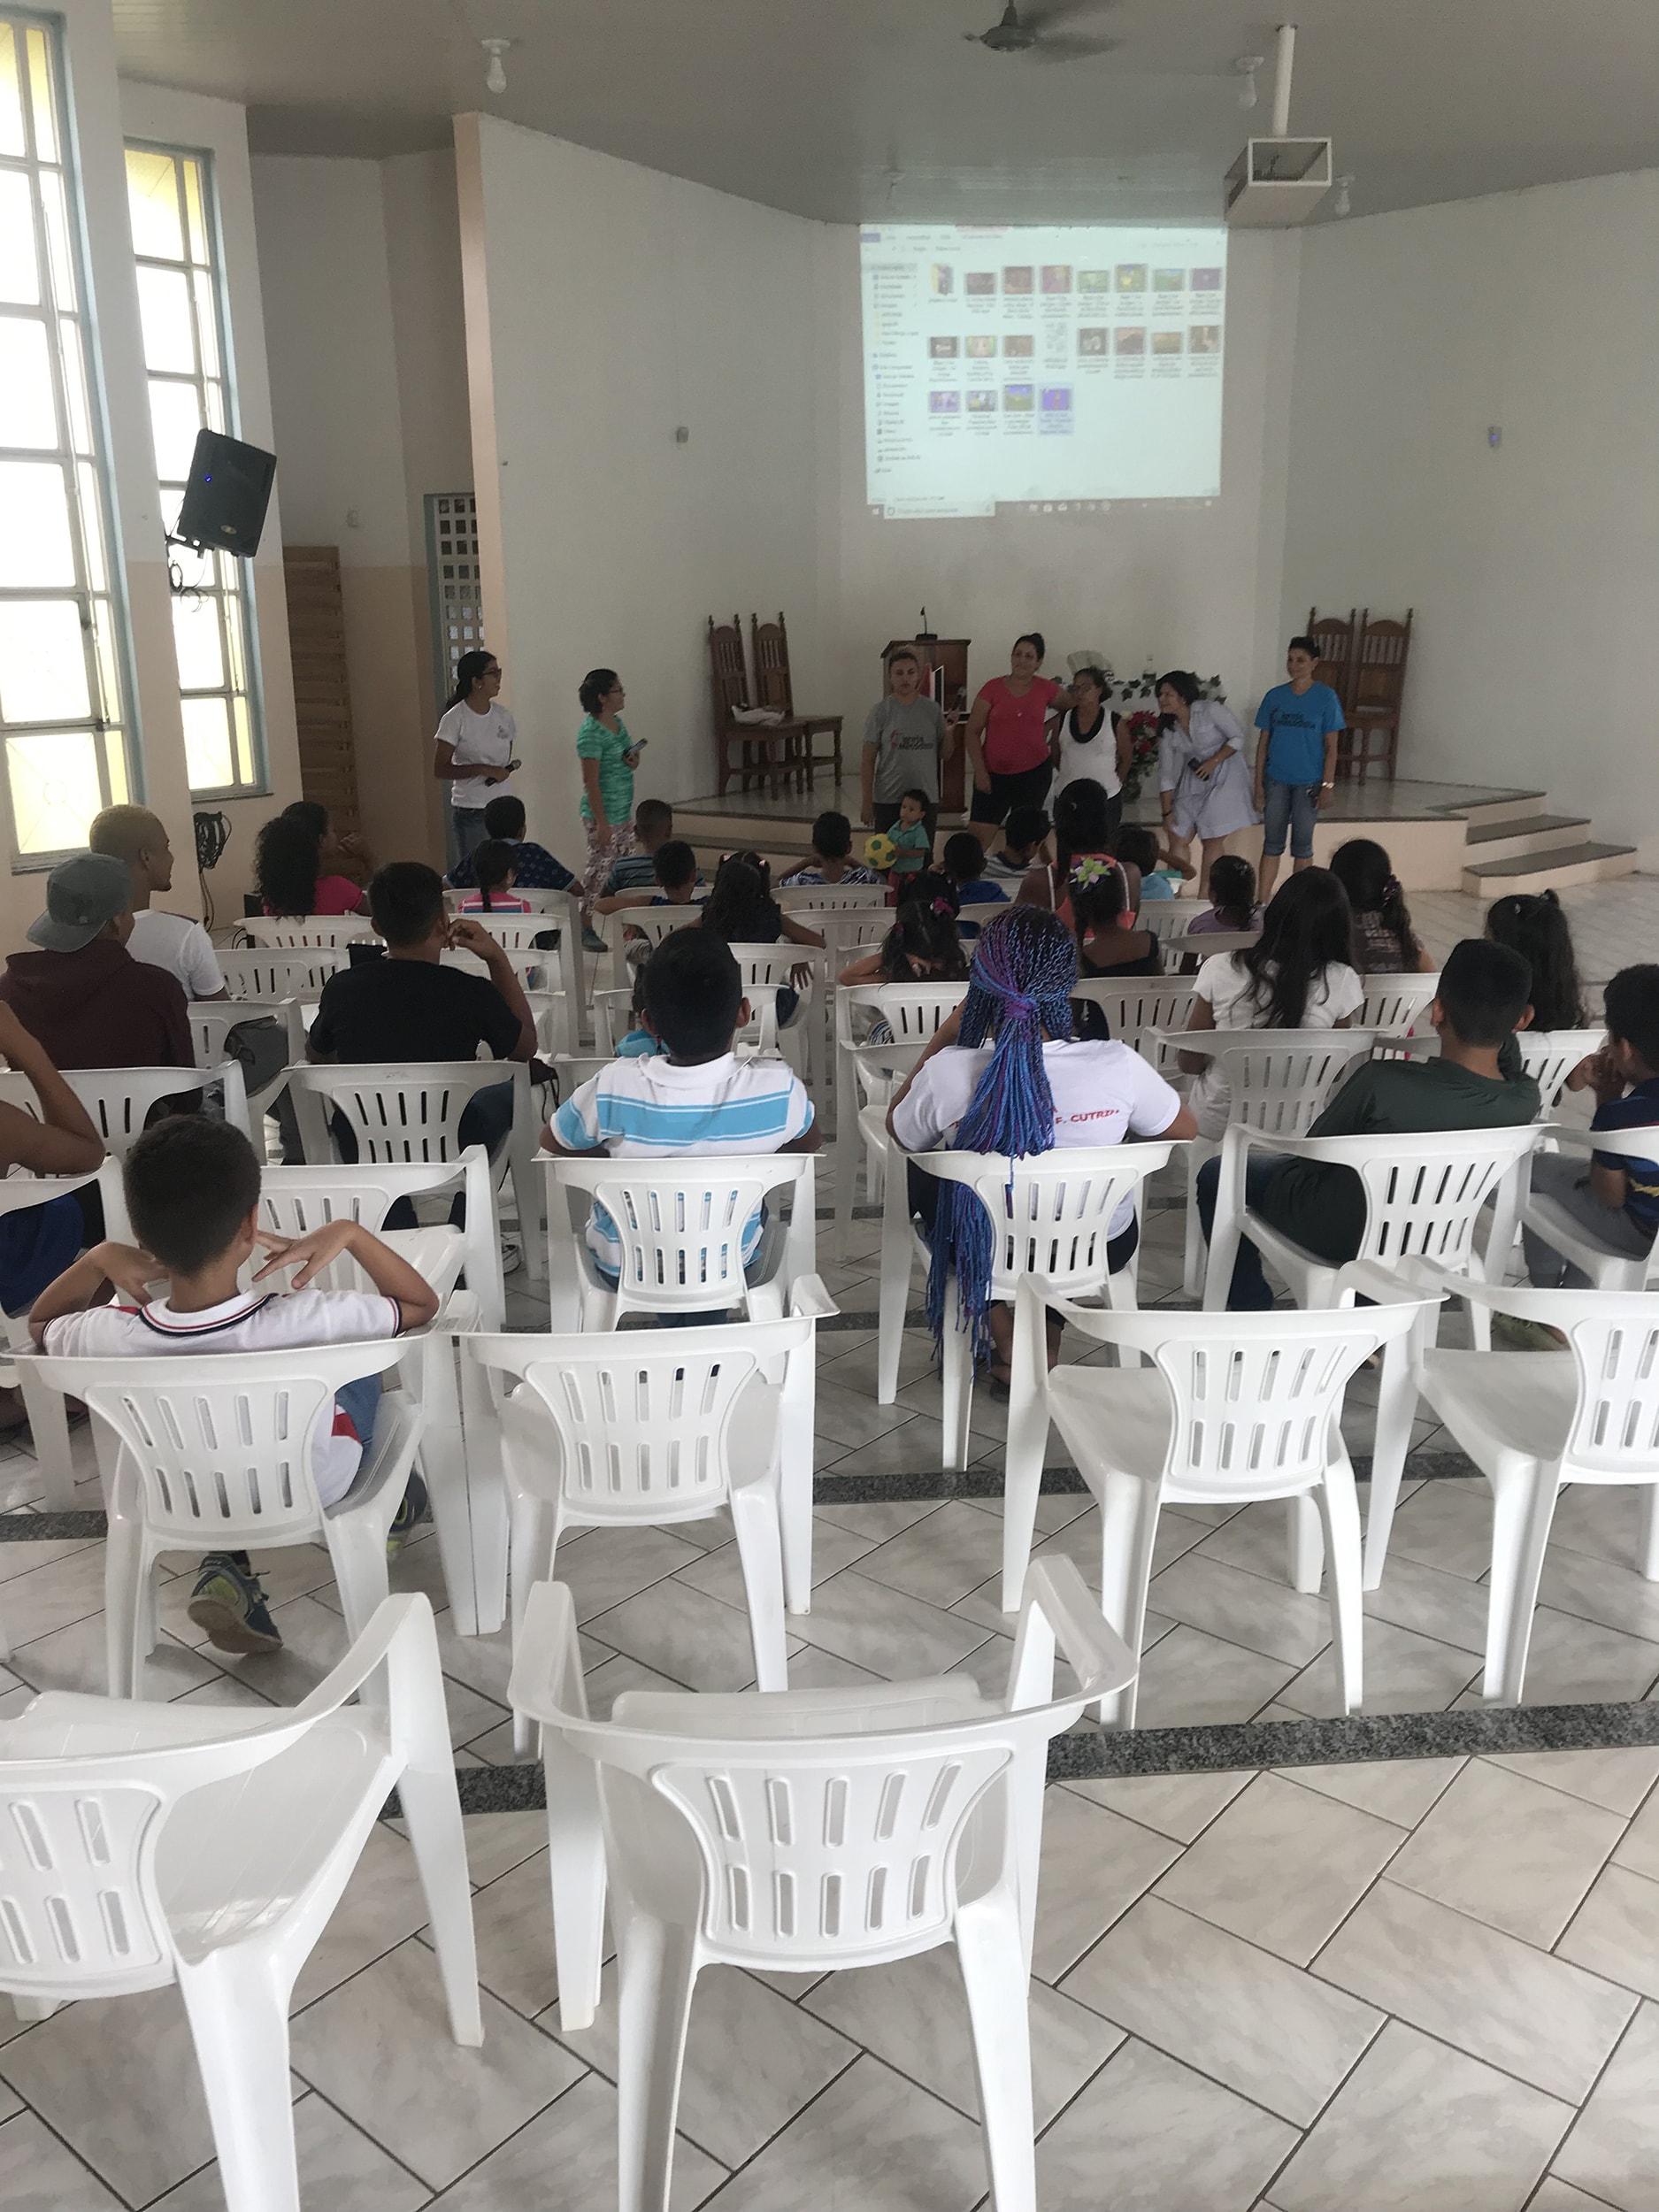 """Los niños venezolanos son bienvenidos en la iglesia antes de que se dividan los grupos para las actividades del programa en Boa Vista, a norte de Brasil. Este ministerio es parte del programa """"Sombra y Agua Fresca"""" para recibir a los/as inmigrantes venezolanos/as en territorio brasileño. Foto por Emily Everett, GBGM."""